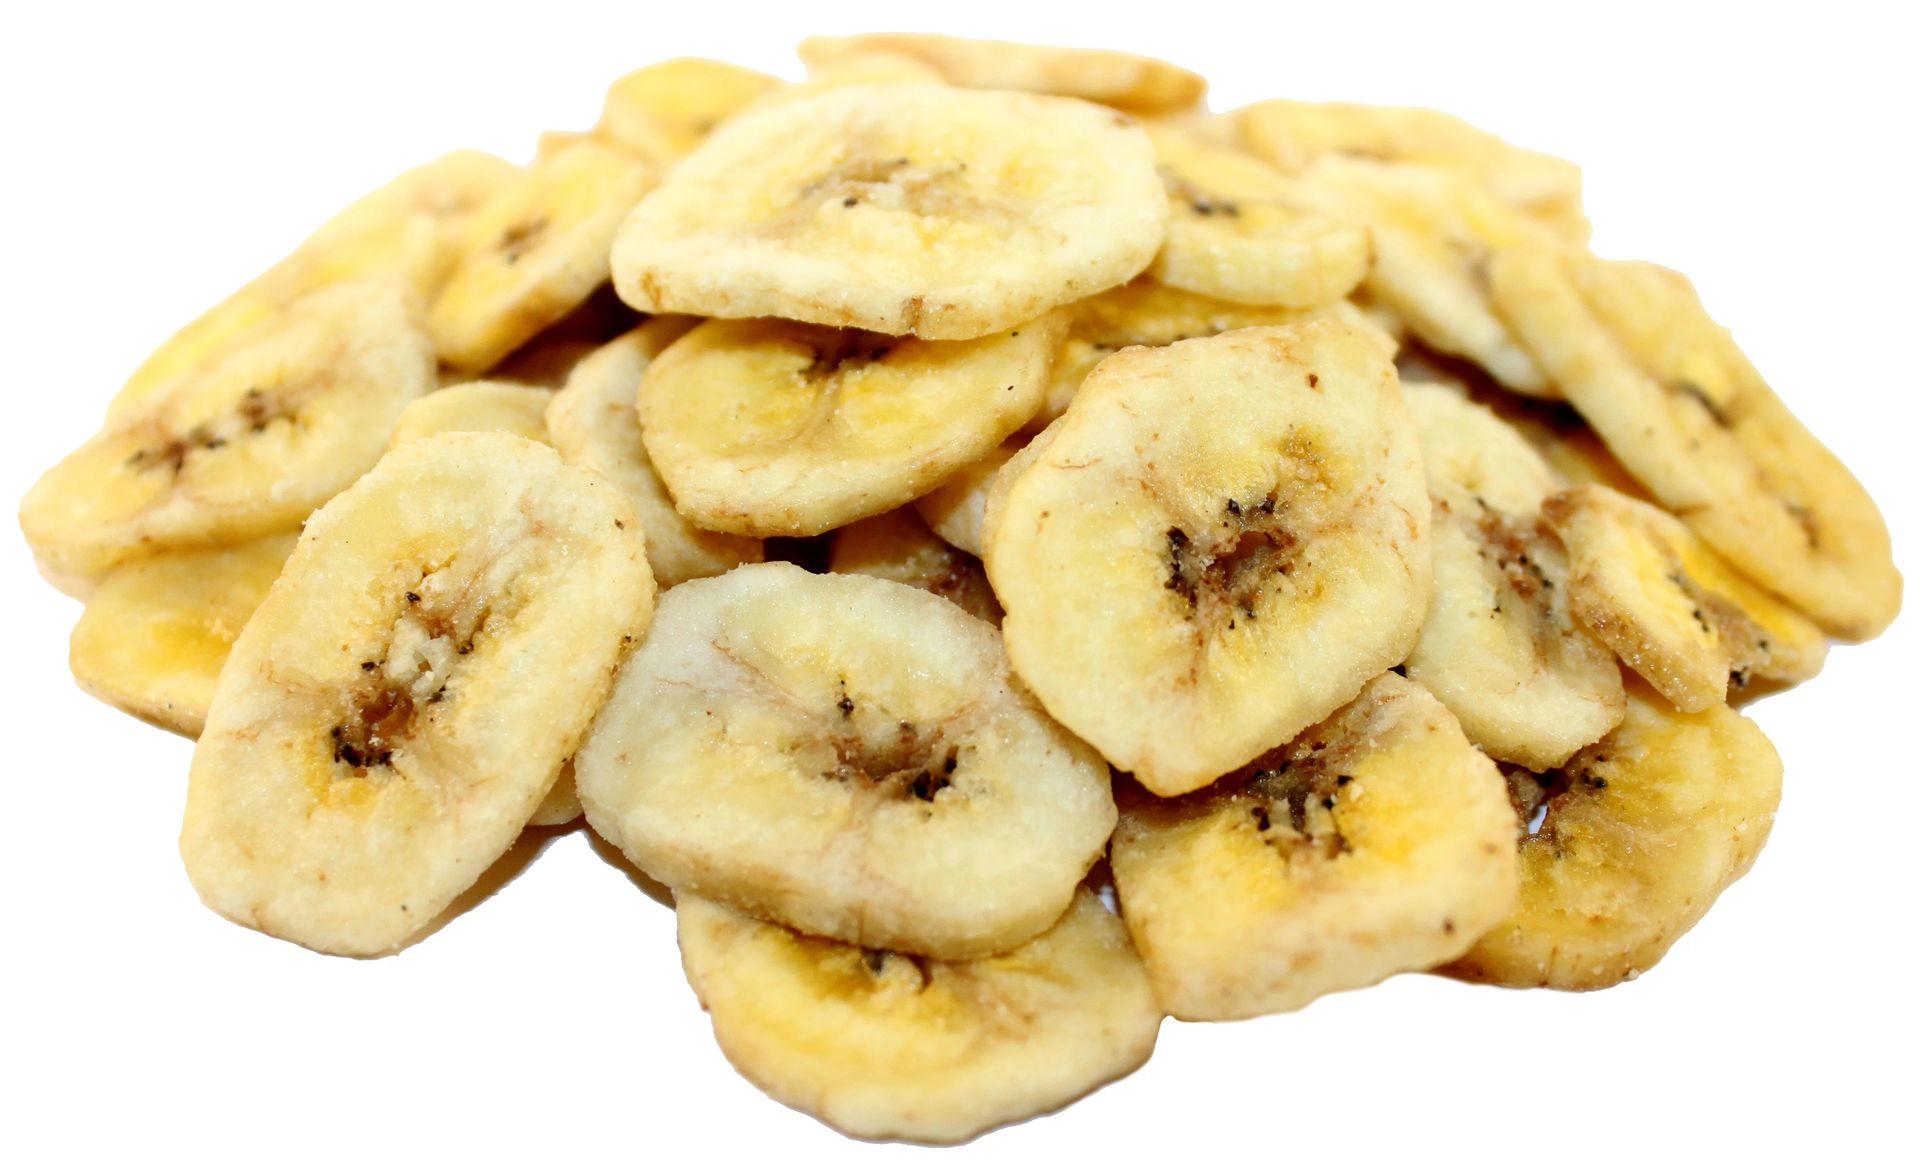 Как сушить бананы? Как засушить фрукты в электросушилке и духовке в домашних условиях? Рецепт сушки